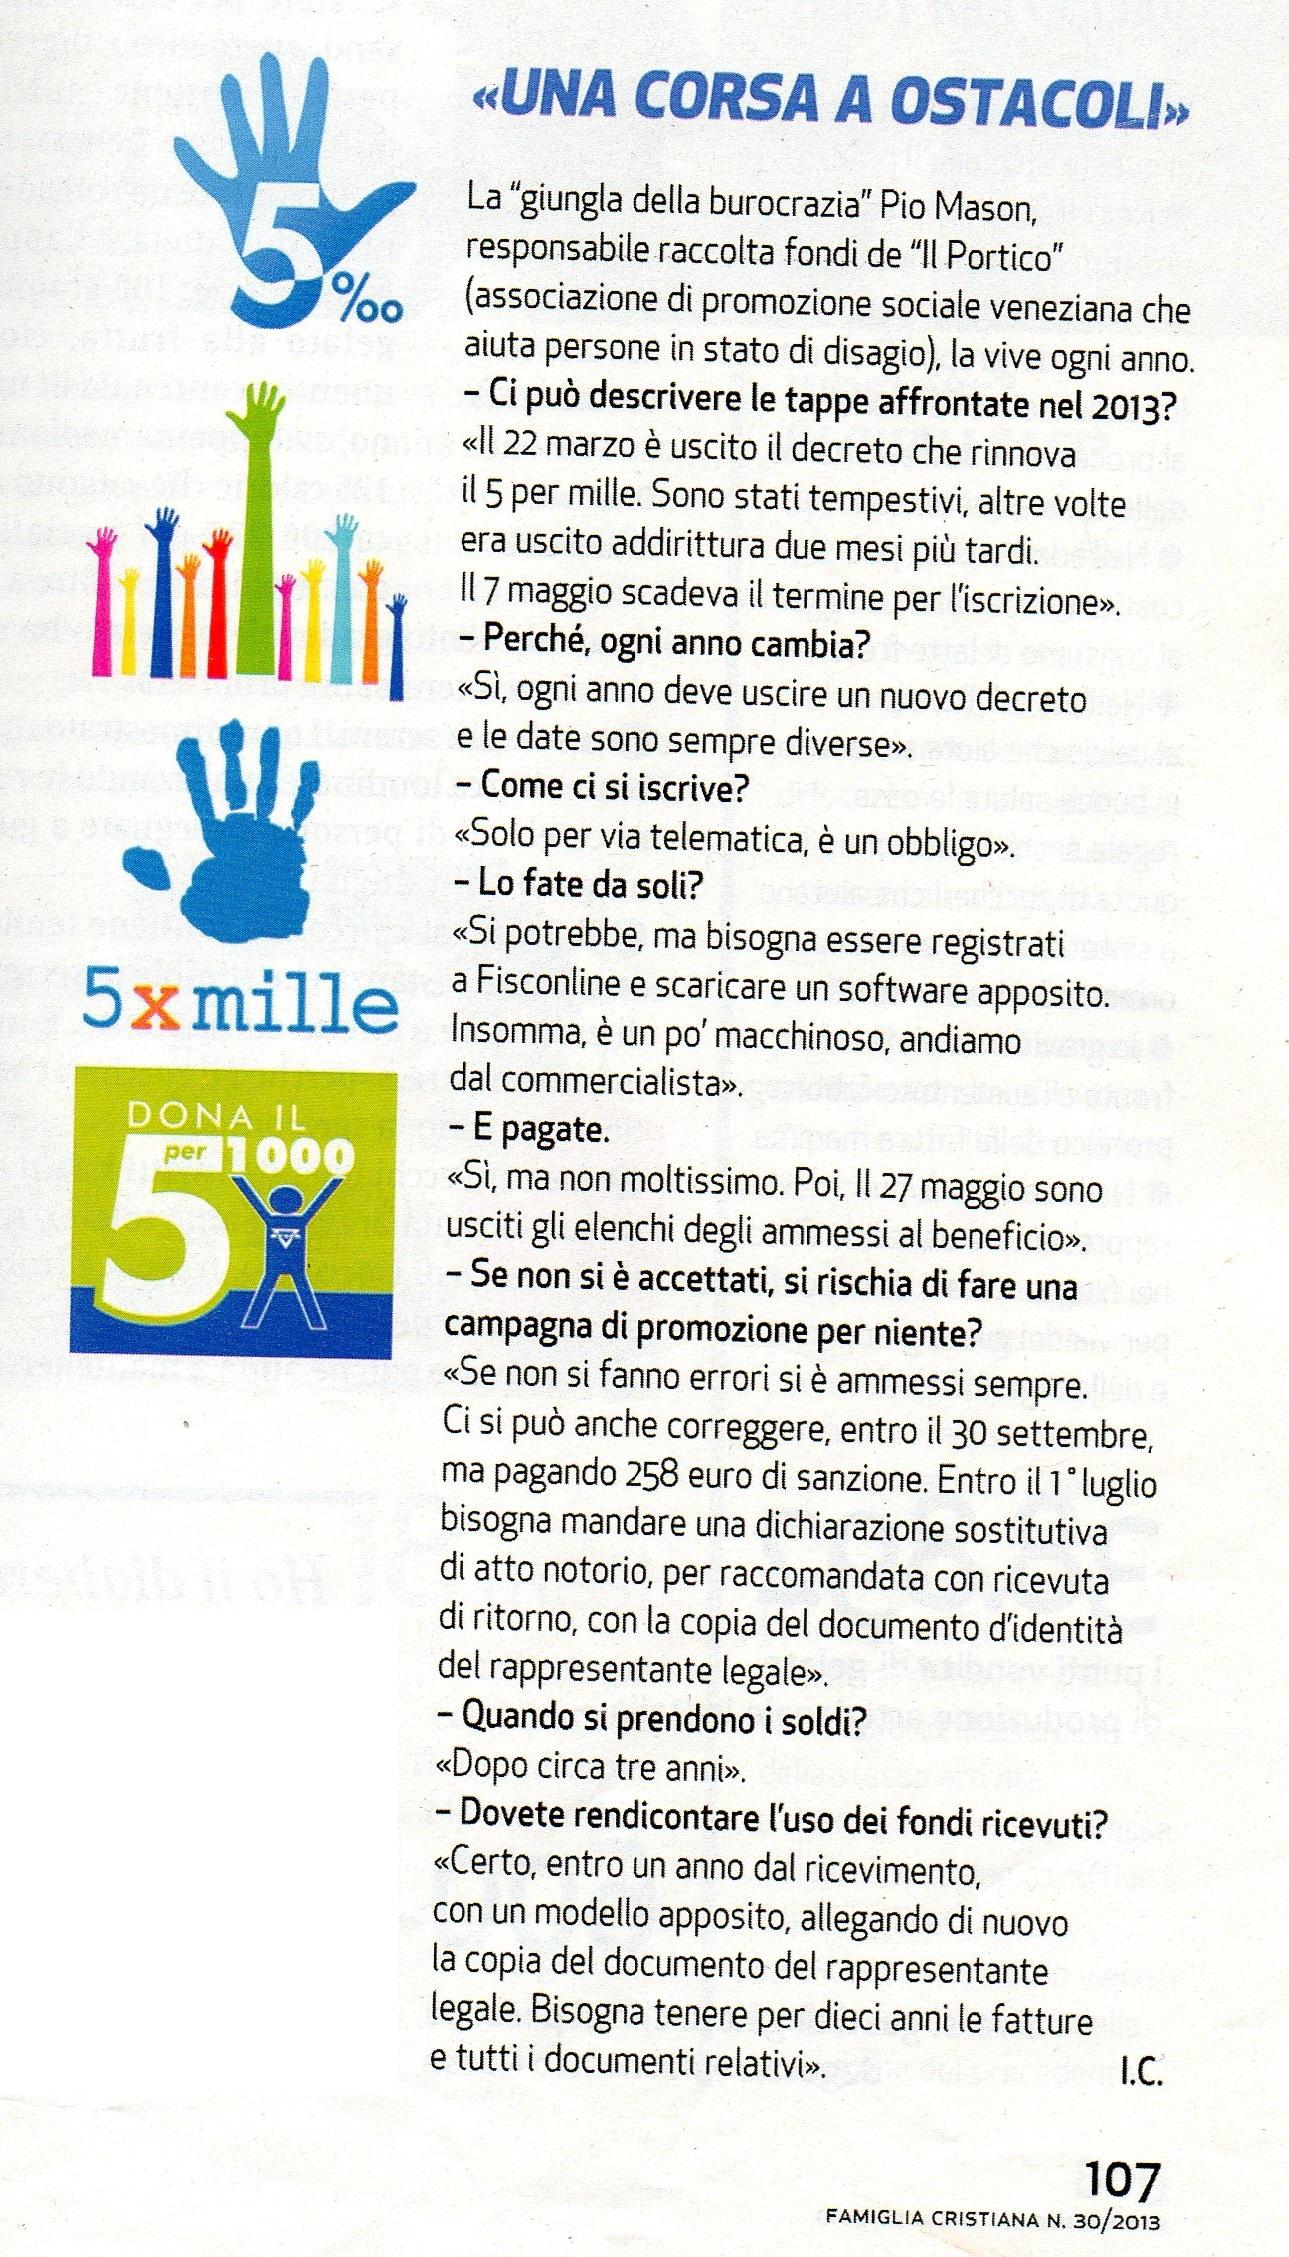 2013.07.28 Famiglia Cristiana (p. 107)